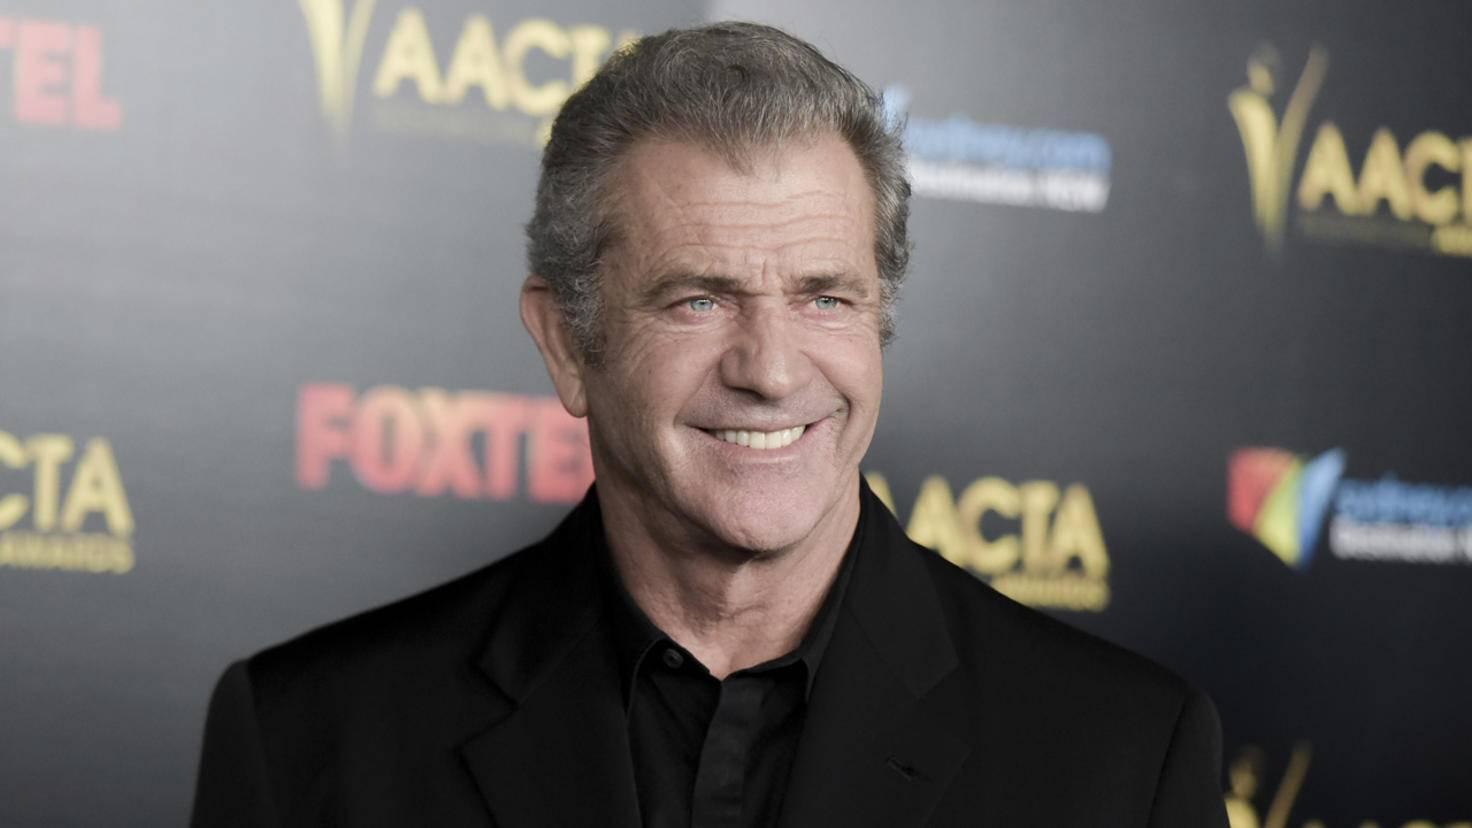 Göttervater? Nein danke. Mel Gibson wollte nicht als Odin im MCU auftreten.